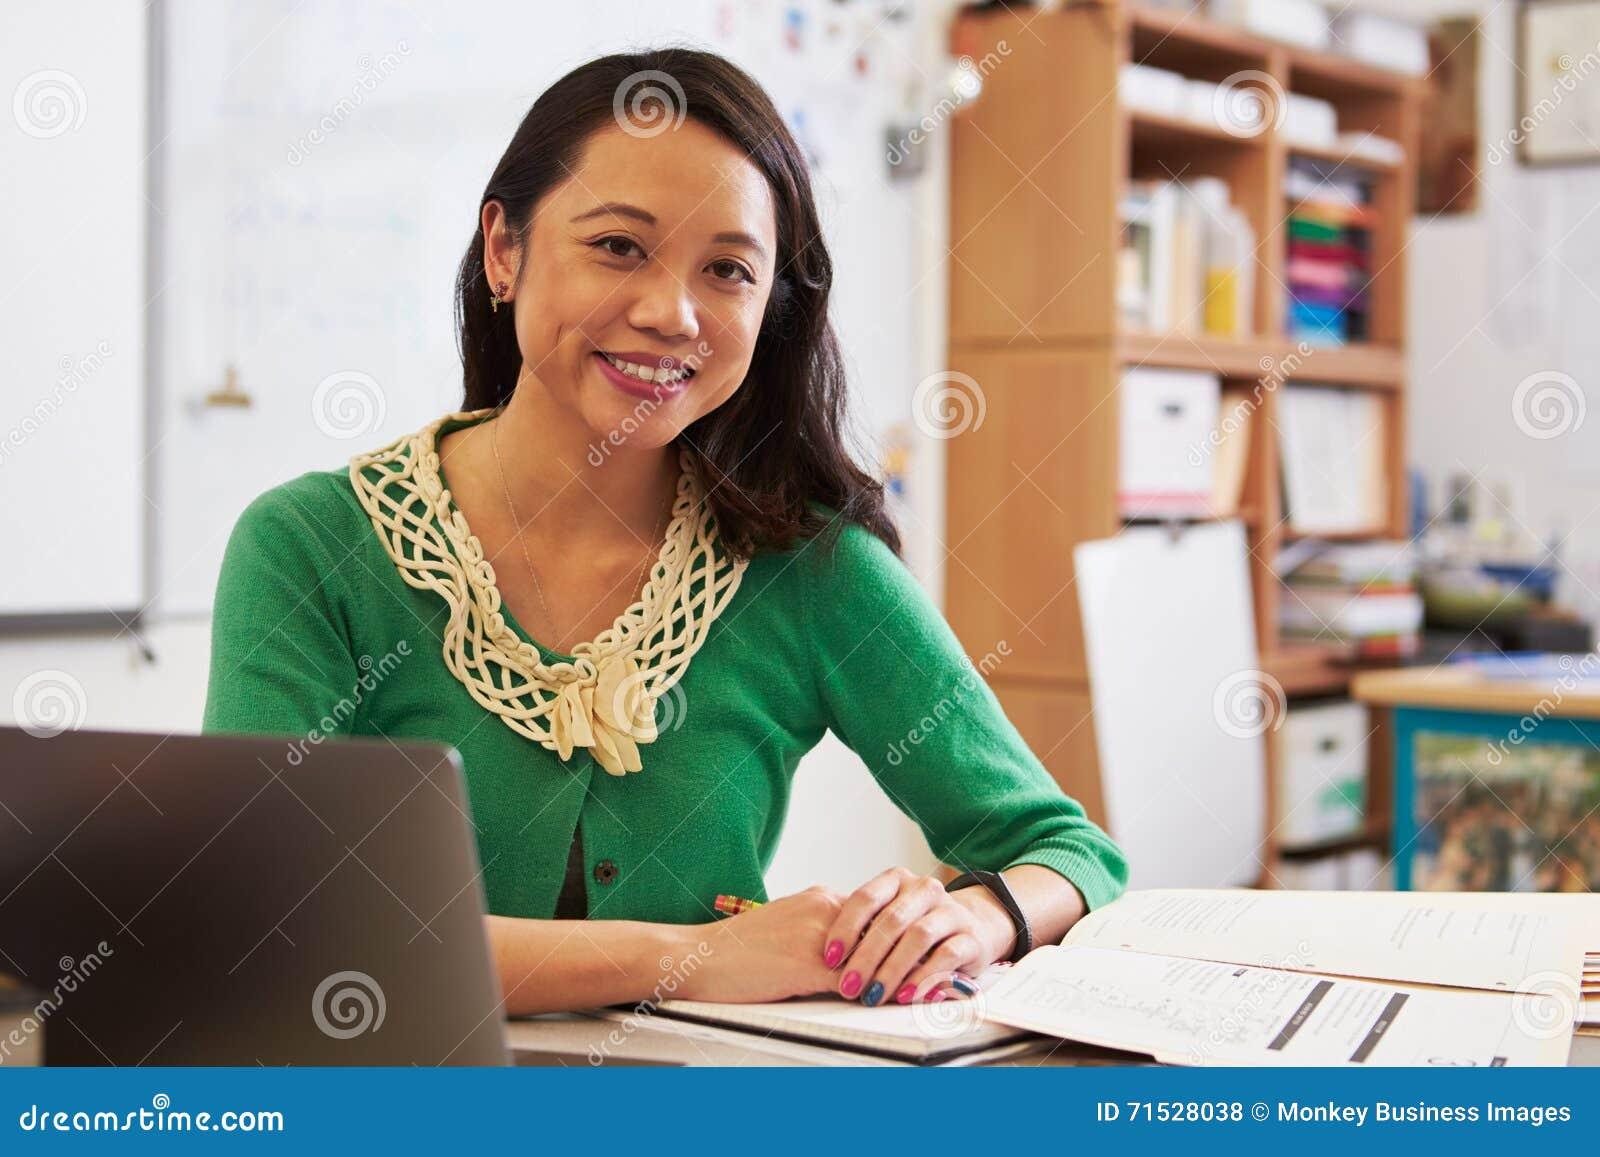 Portret van vrouwelijke Aziatische leraar bij haar bureau